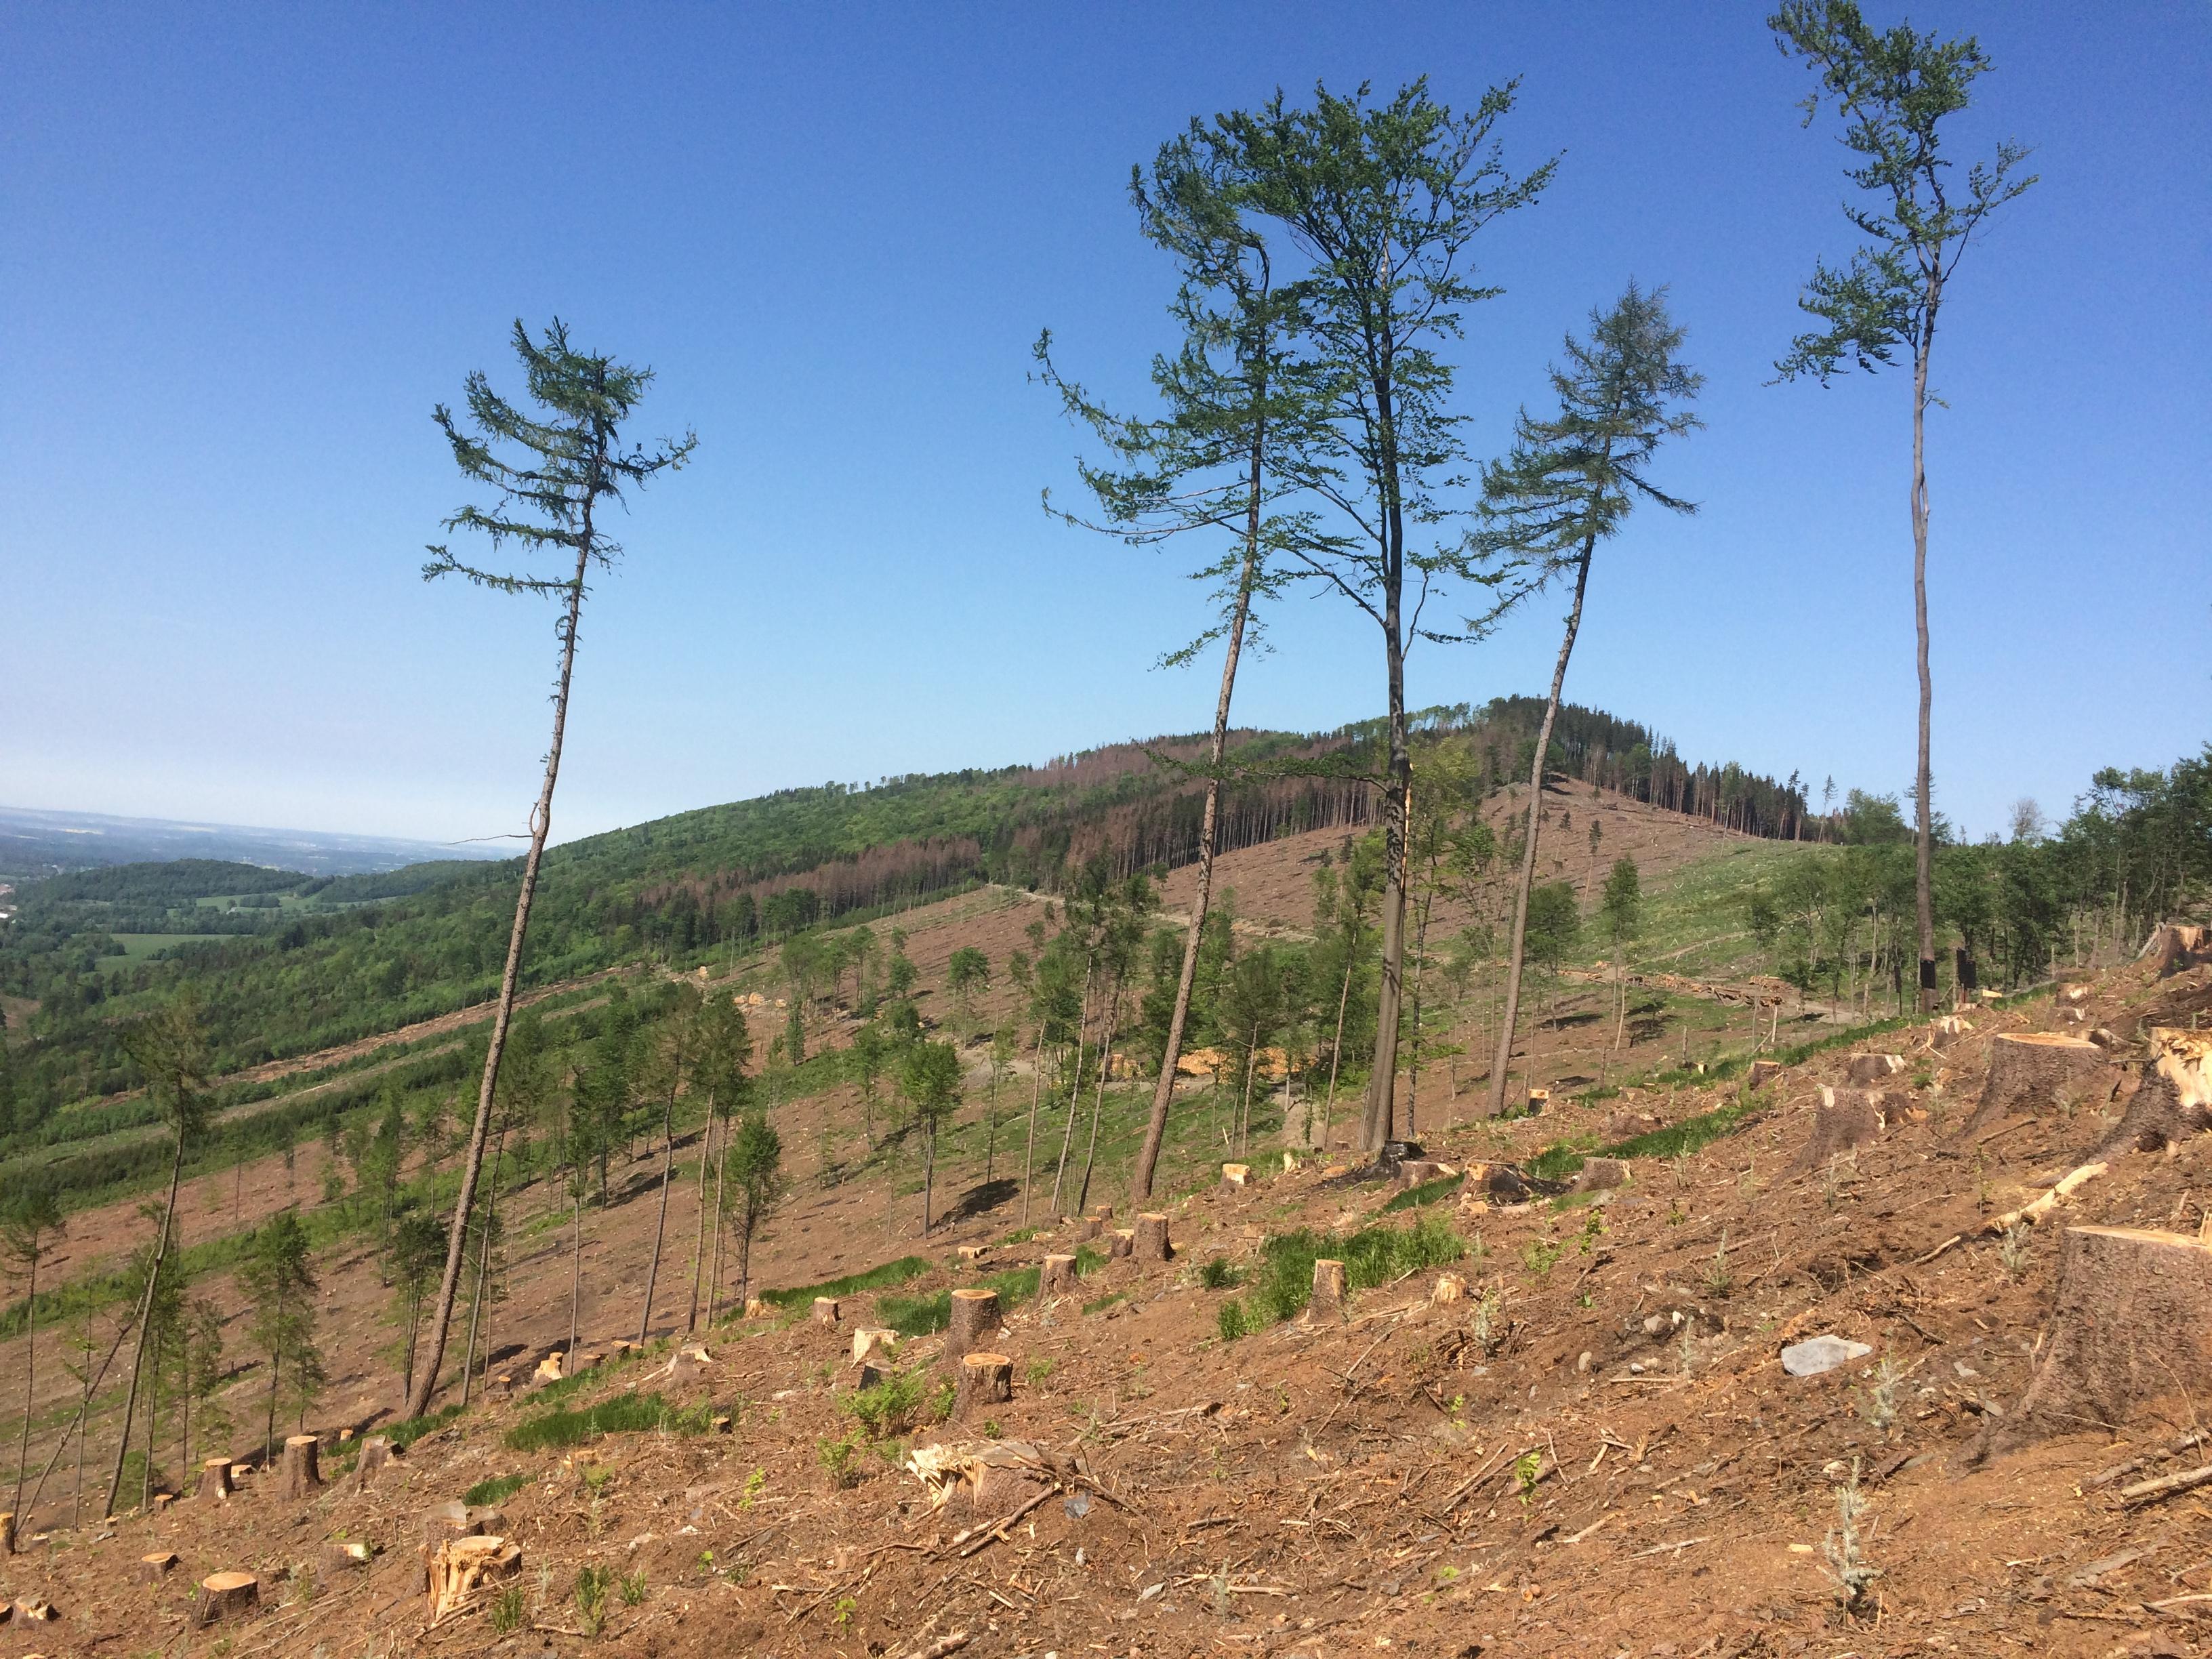 """Smrkové porosty se hybnou kvůli suchu. Oslabené stromy napadá kůrovec. Kůrovcové souše se těží a následně se tvoří kalamitní holiny obřích rozměrů. Následné se zalesňují listnáči, ale i opět smrkem. Byť stanoviště a poloha pro jejich růst není optimální, pěstuje se s rizikem, že opět uschne. Zřejmě proto, že smrk je nyní a stále nějakou dobu ještě bude """"chléb"""" českých pil. Jestli tomu budu i za 50 či 100 let, není už zcela jasné. Může tomu být právě naopak, protože dřevařský průmysl se dynamicky vyvíjí."""